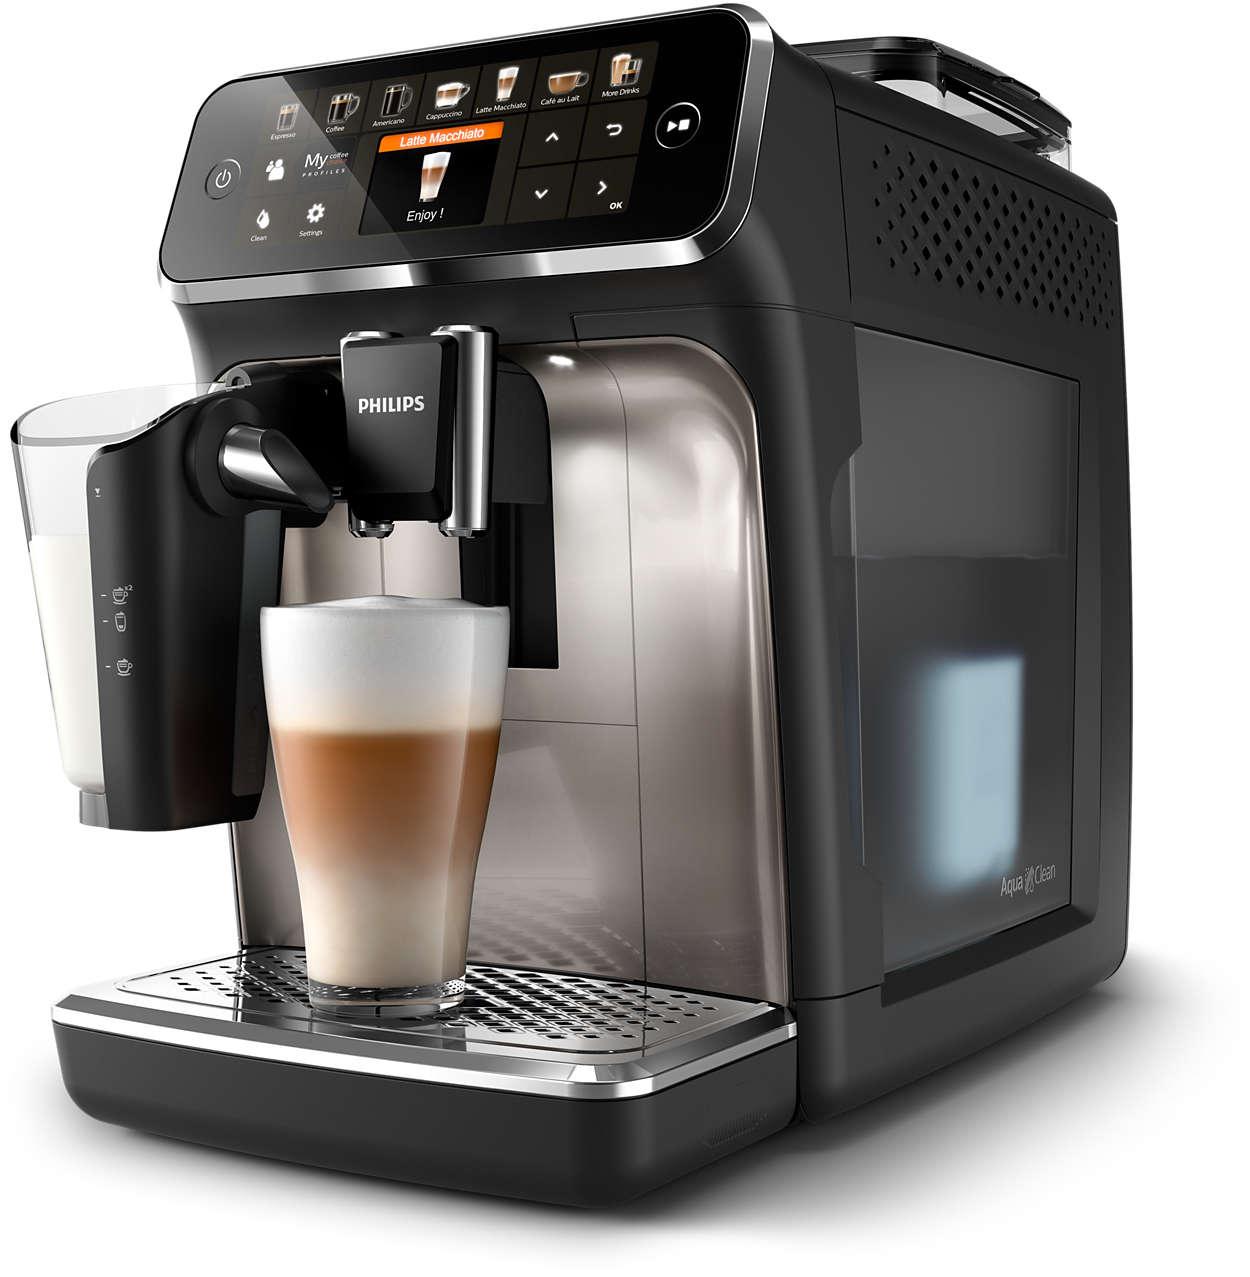 12 bardak taze çekirdekli ve lezzetli kahve hazırlamak çok kolay